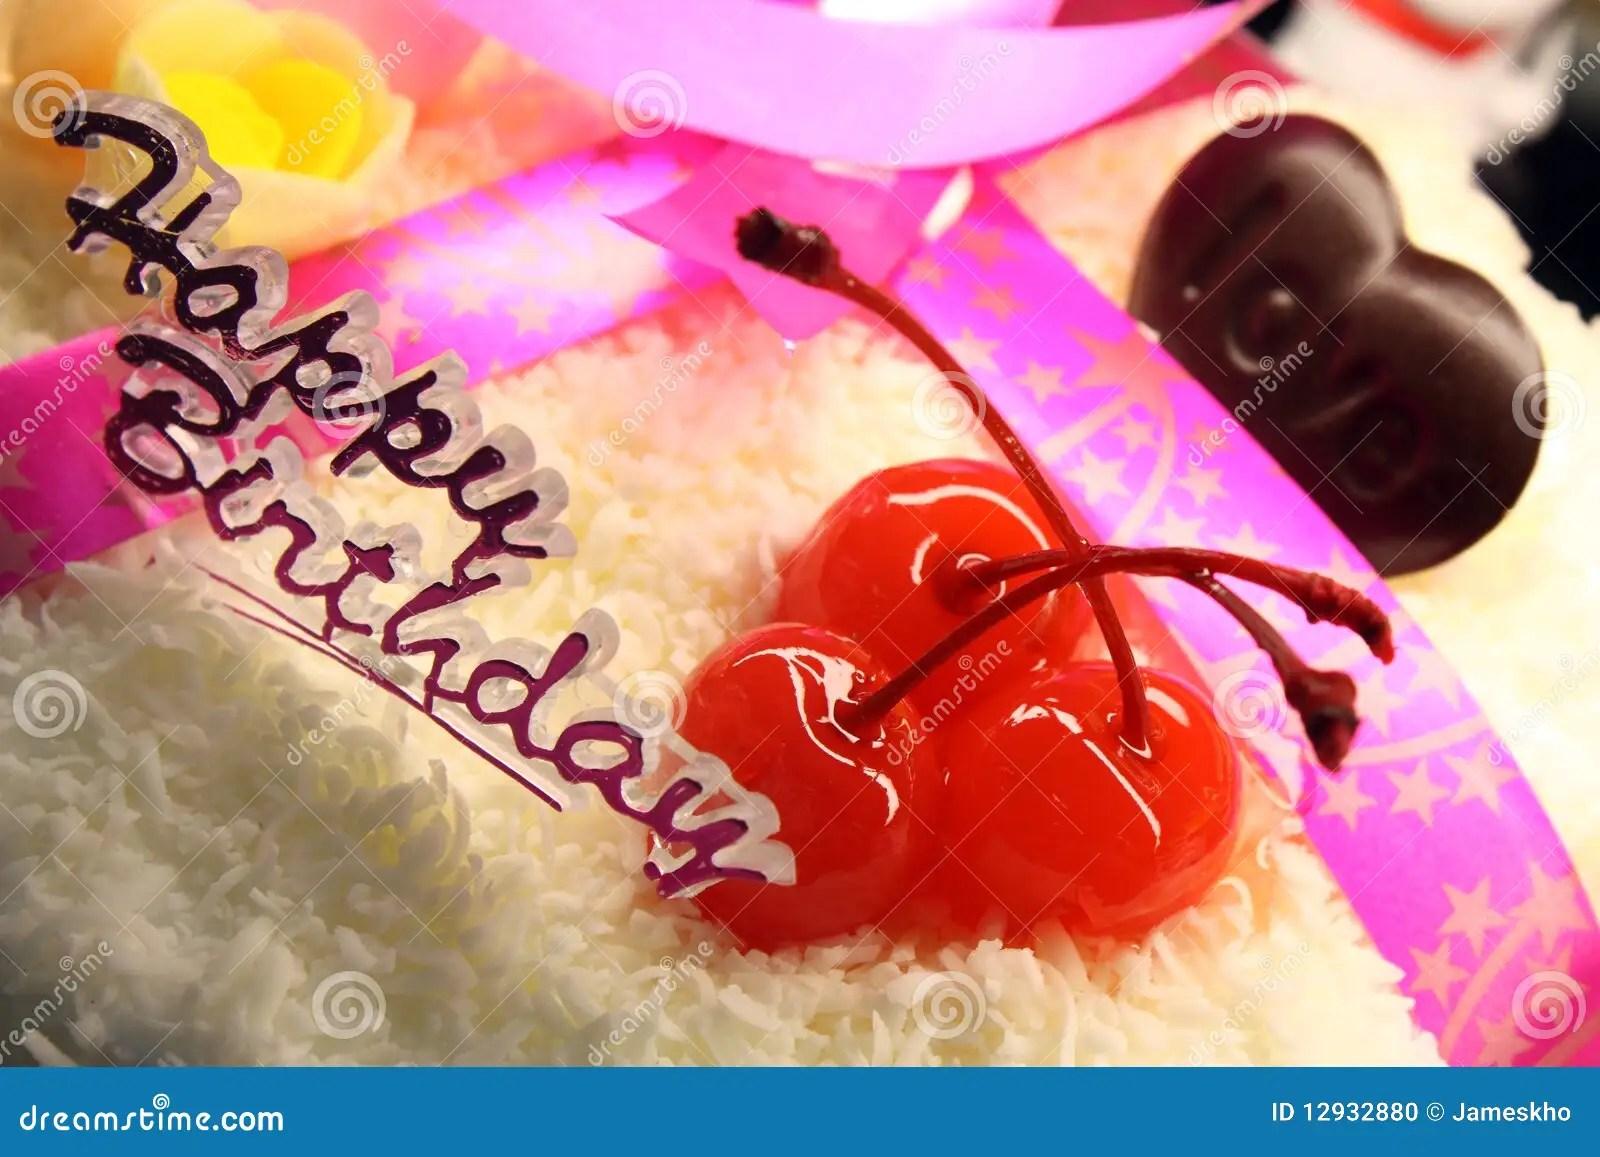 Alles Gute Zum Geburtstag Jasmine Karte Mit Ballon Text 3d